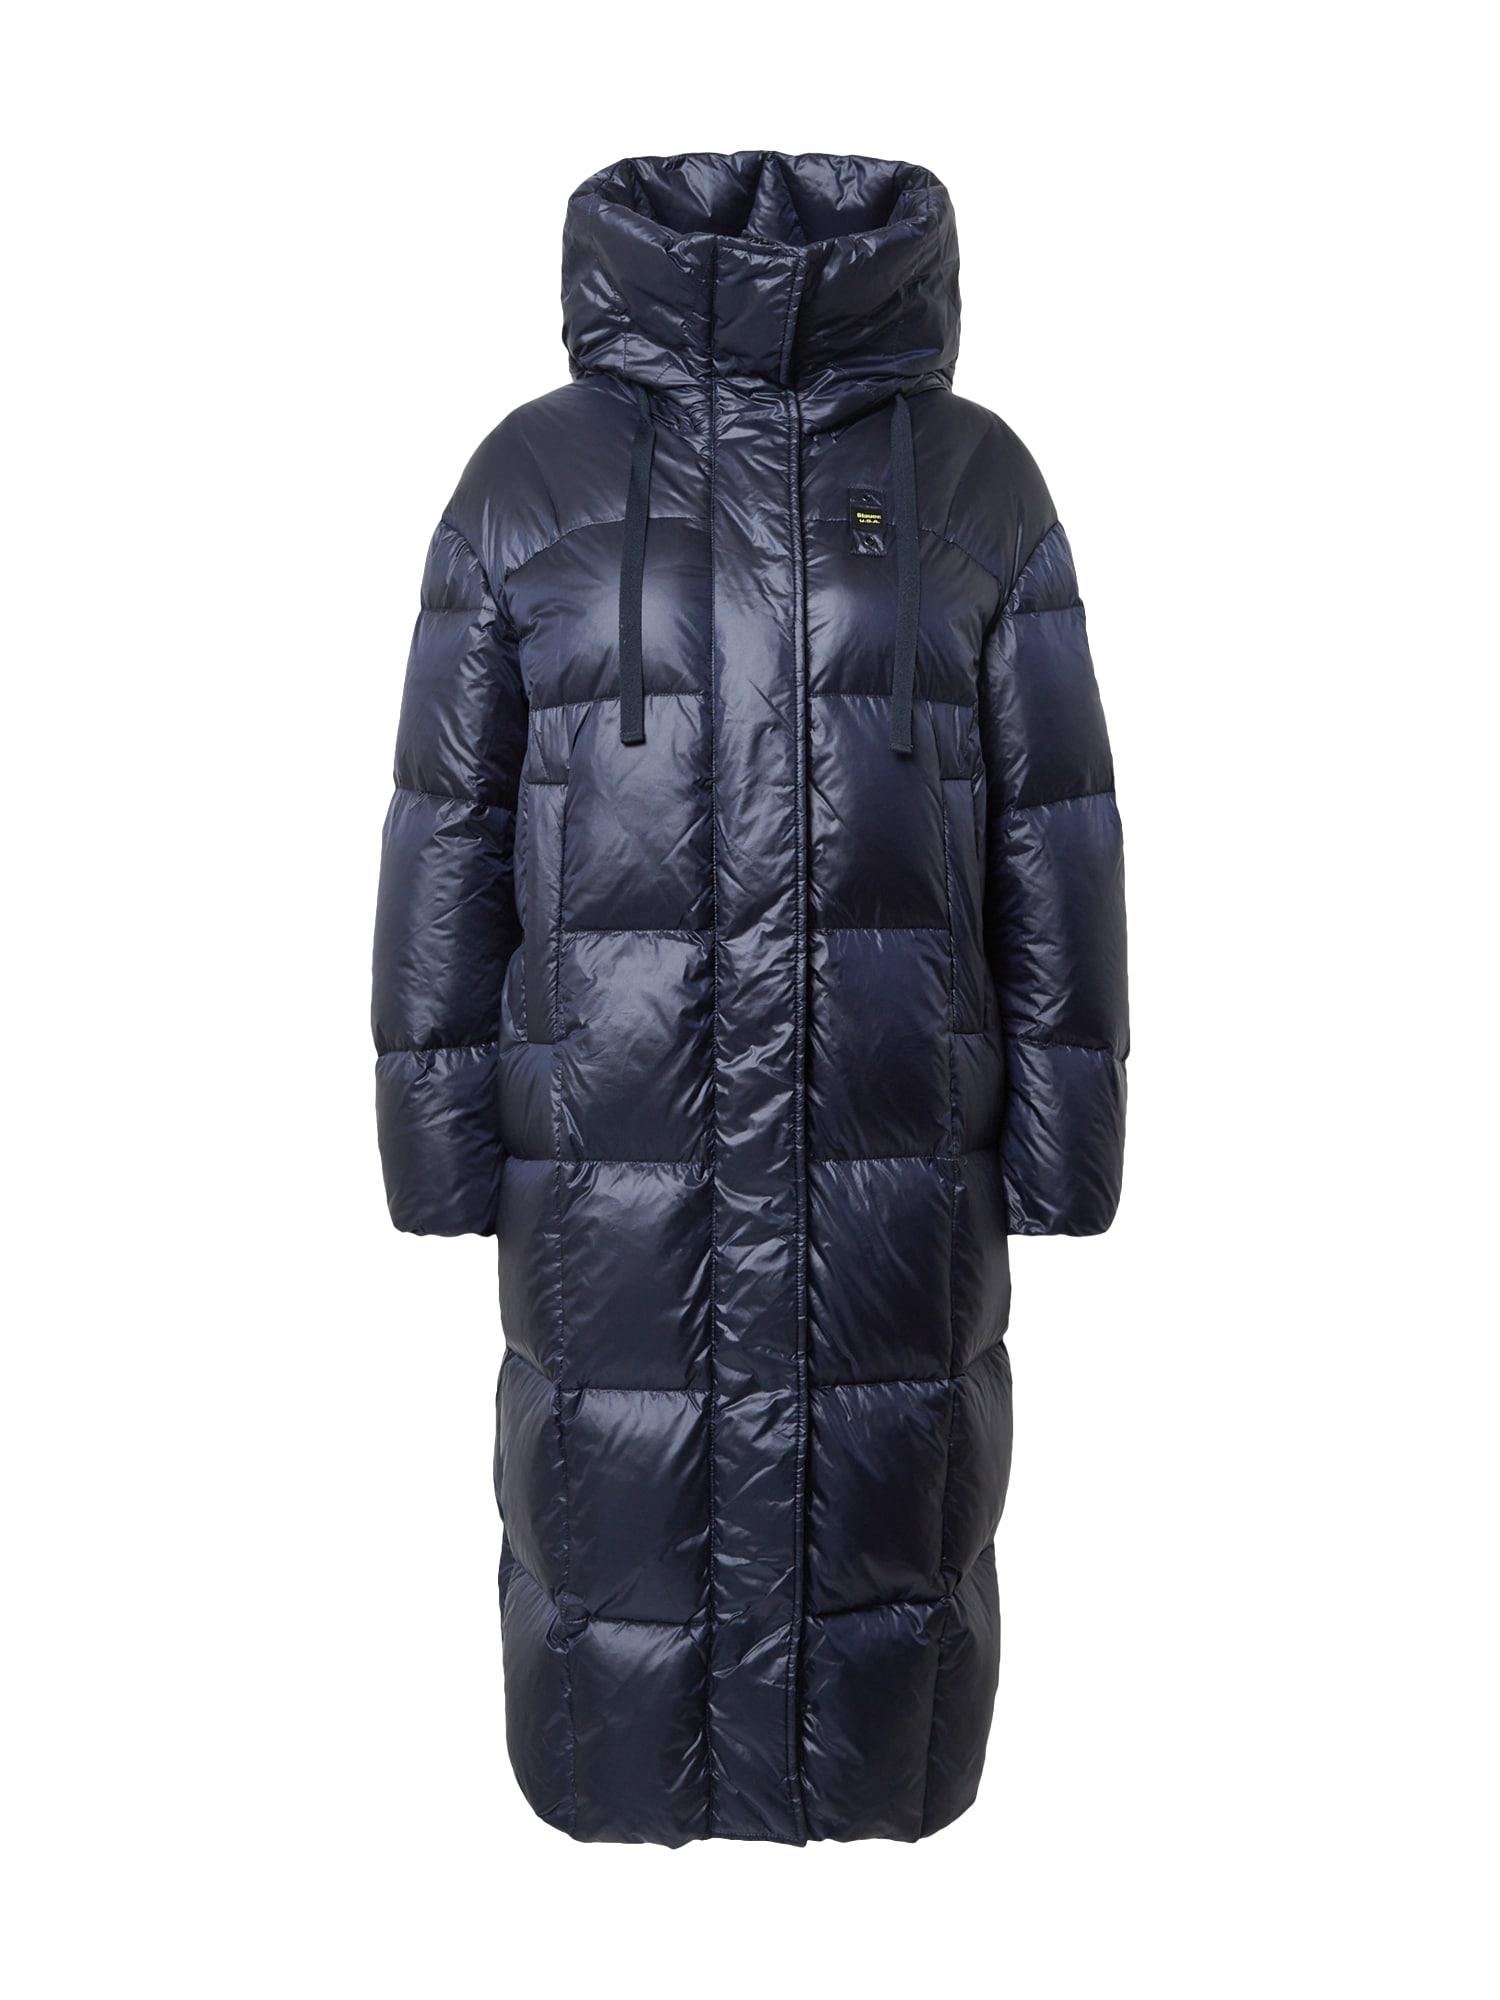 Blauer.USA Rudeninis-žieminis paltas tamsiai mėlyna